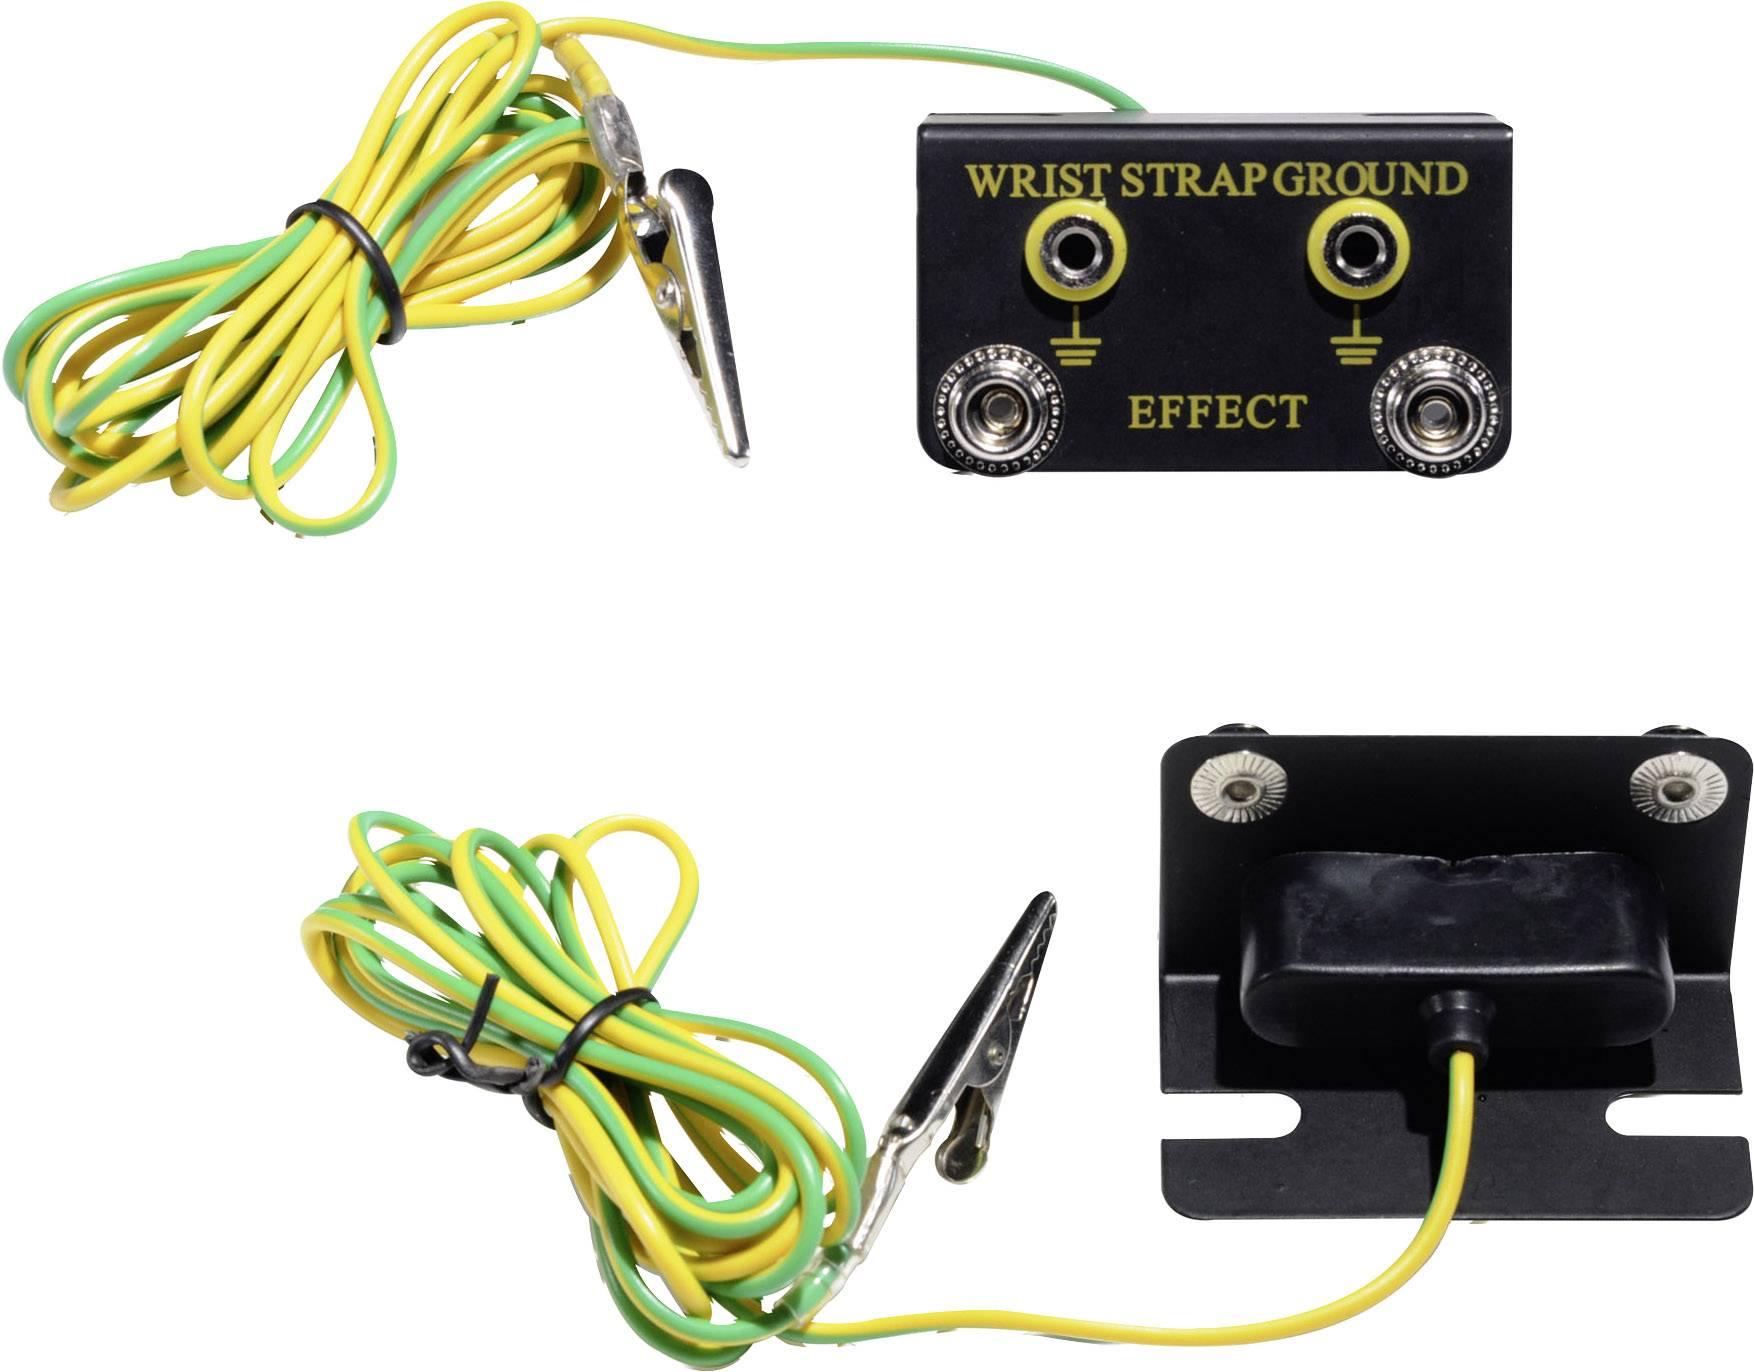 ESD zemnicí box Conrad Components EBO-SETW-10-183-S/K, vč. zemnicího kabelu 1.77 m EBO-SETW-10-183-S/K tlačítko 10 mm, krokosvorka